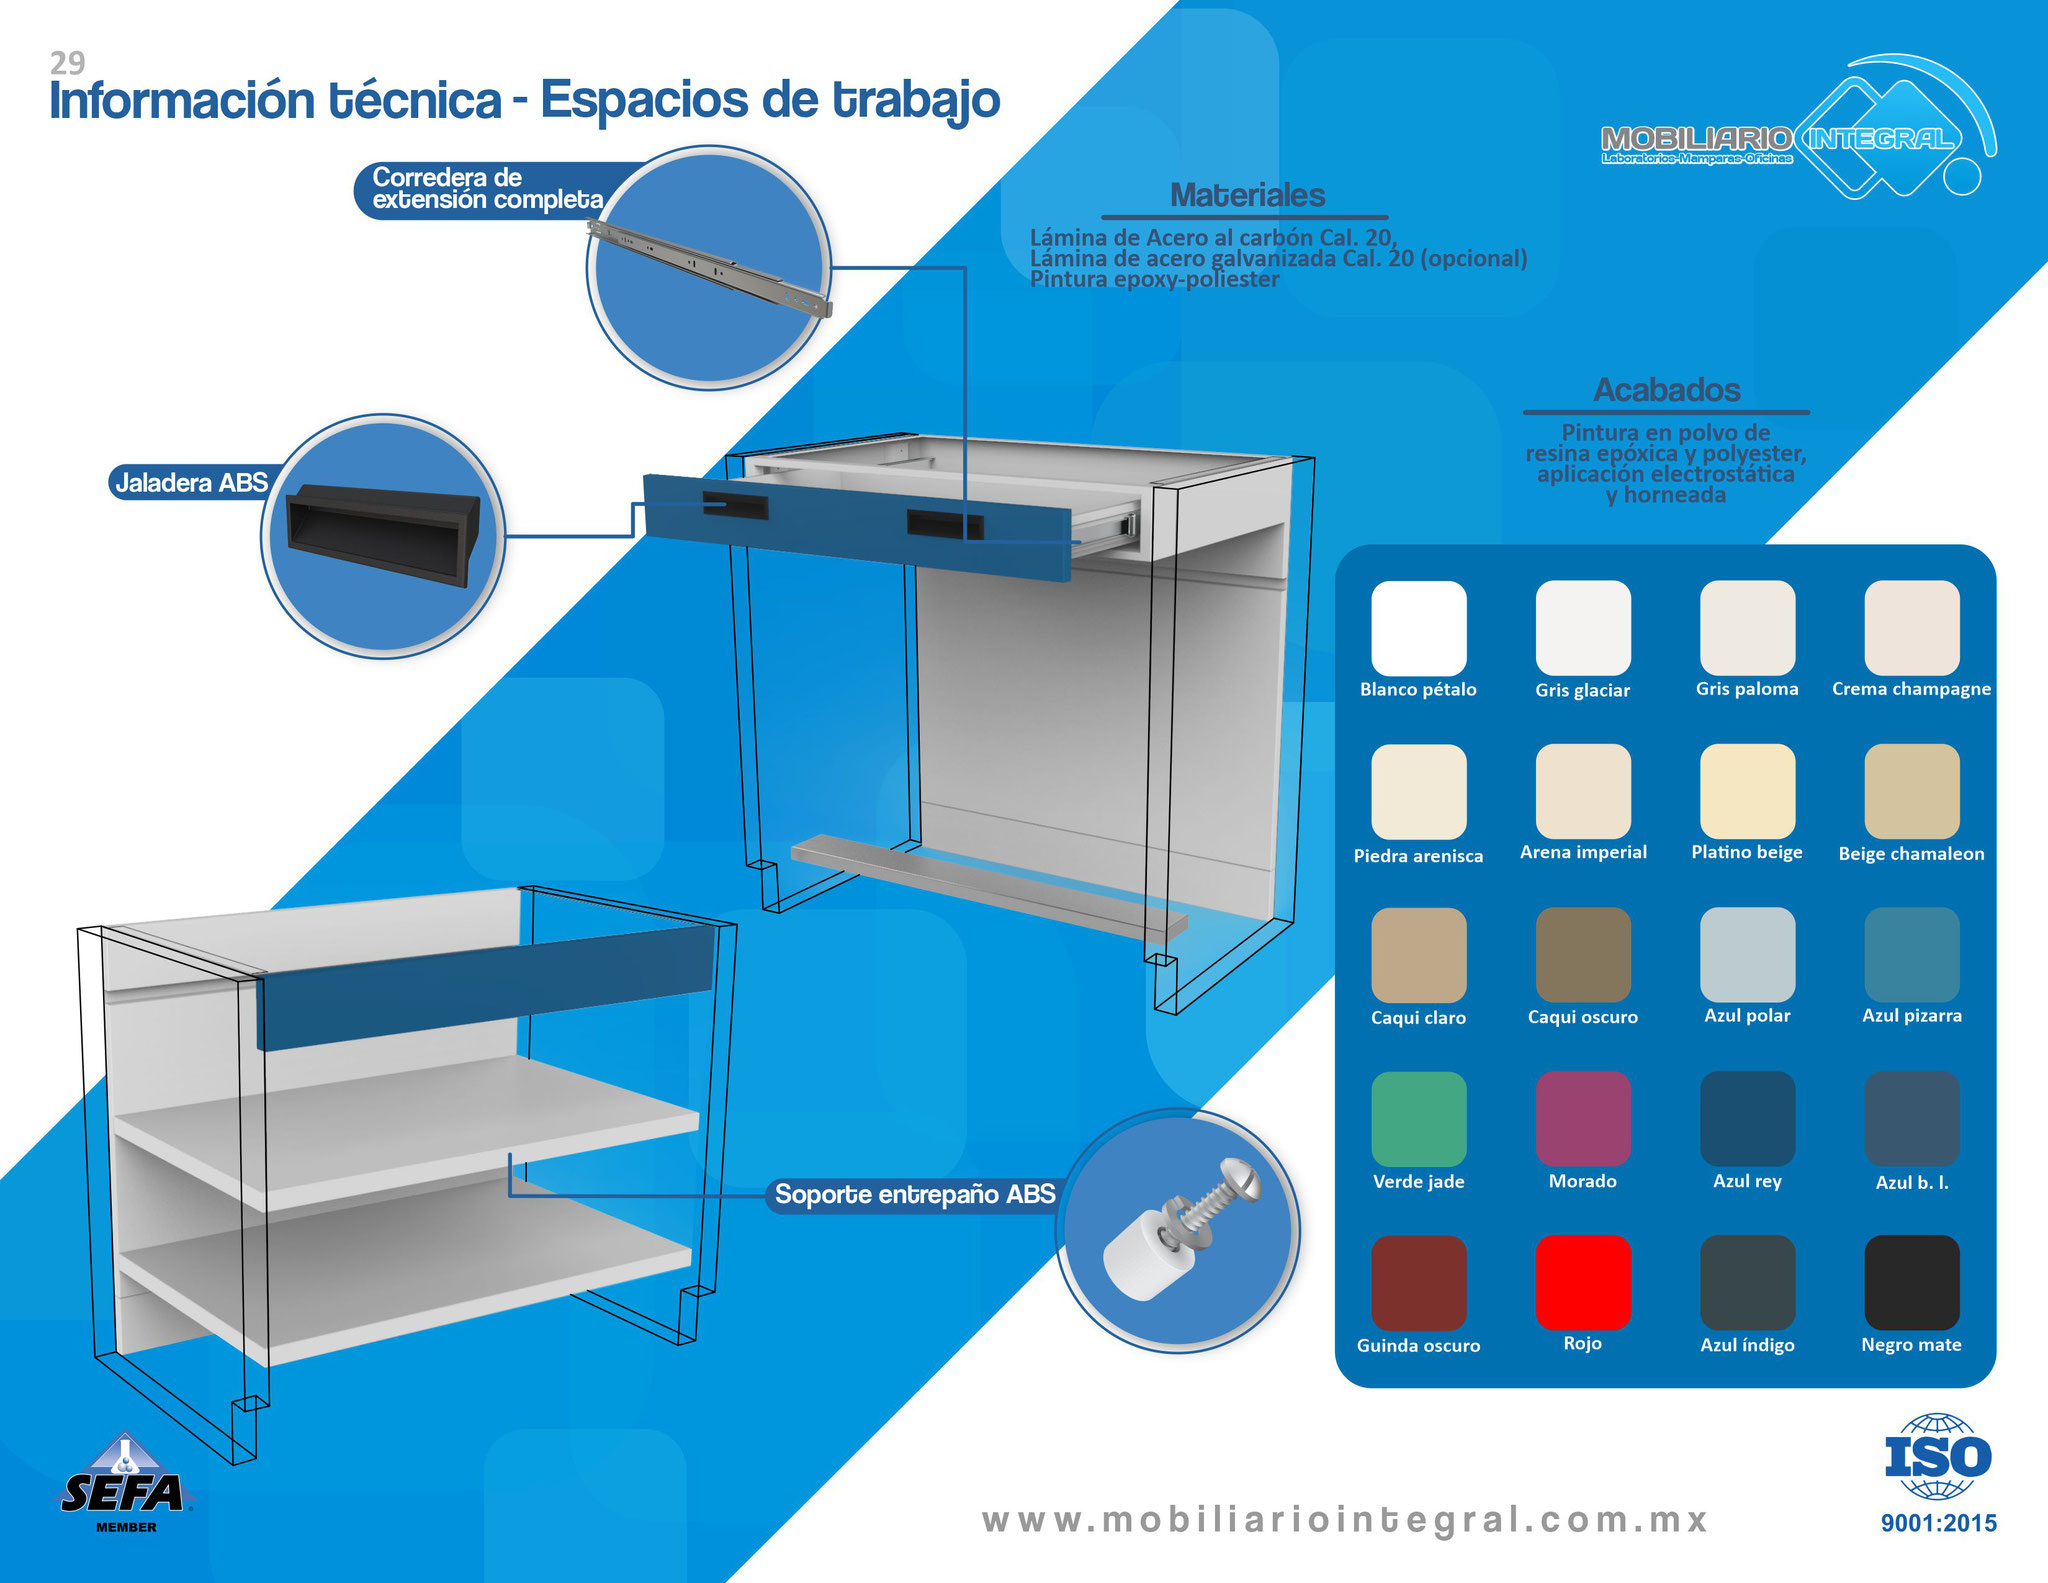 Espacios de trabajo para laboratorio